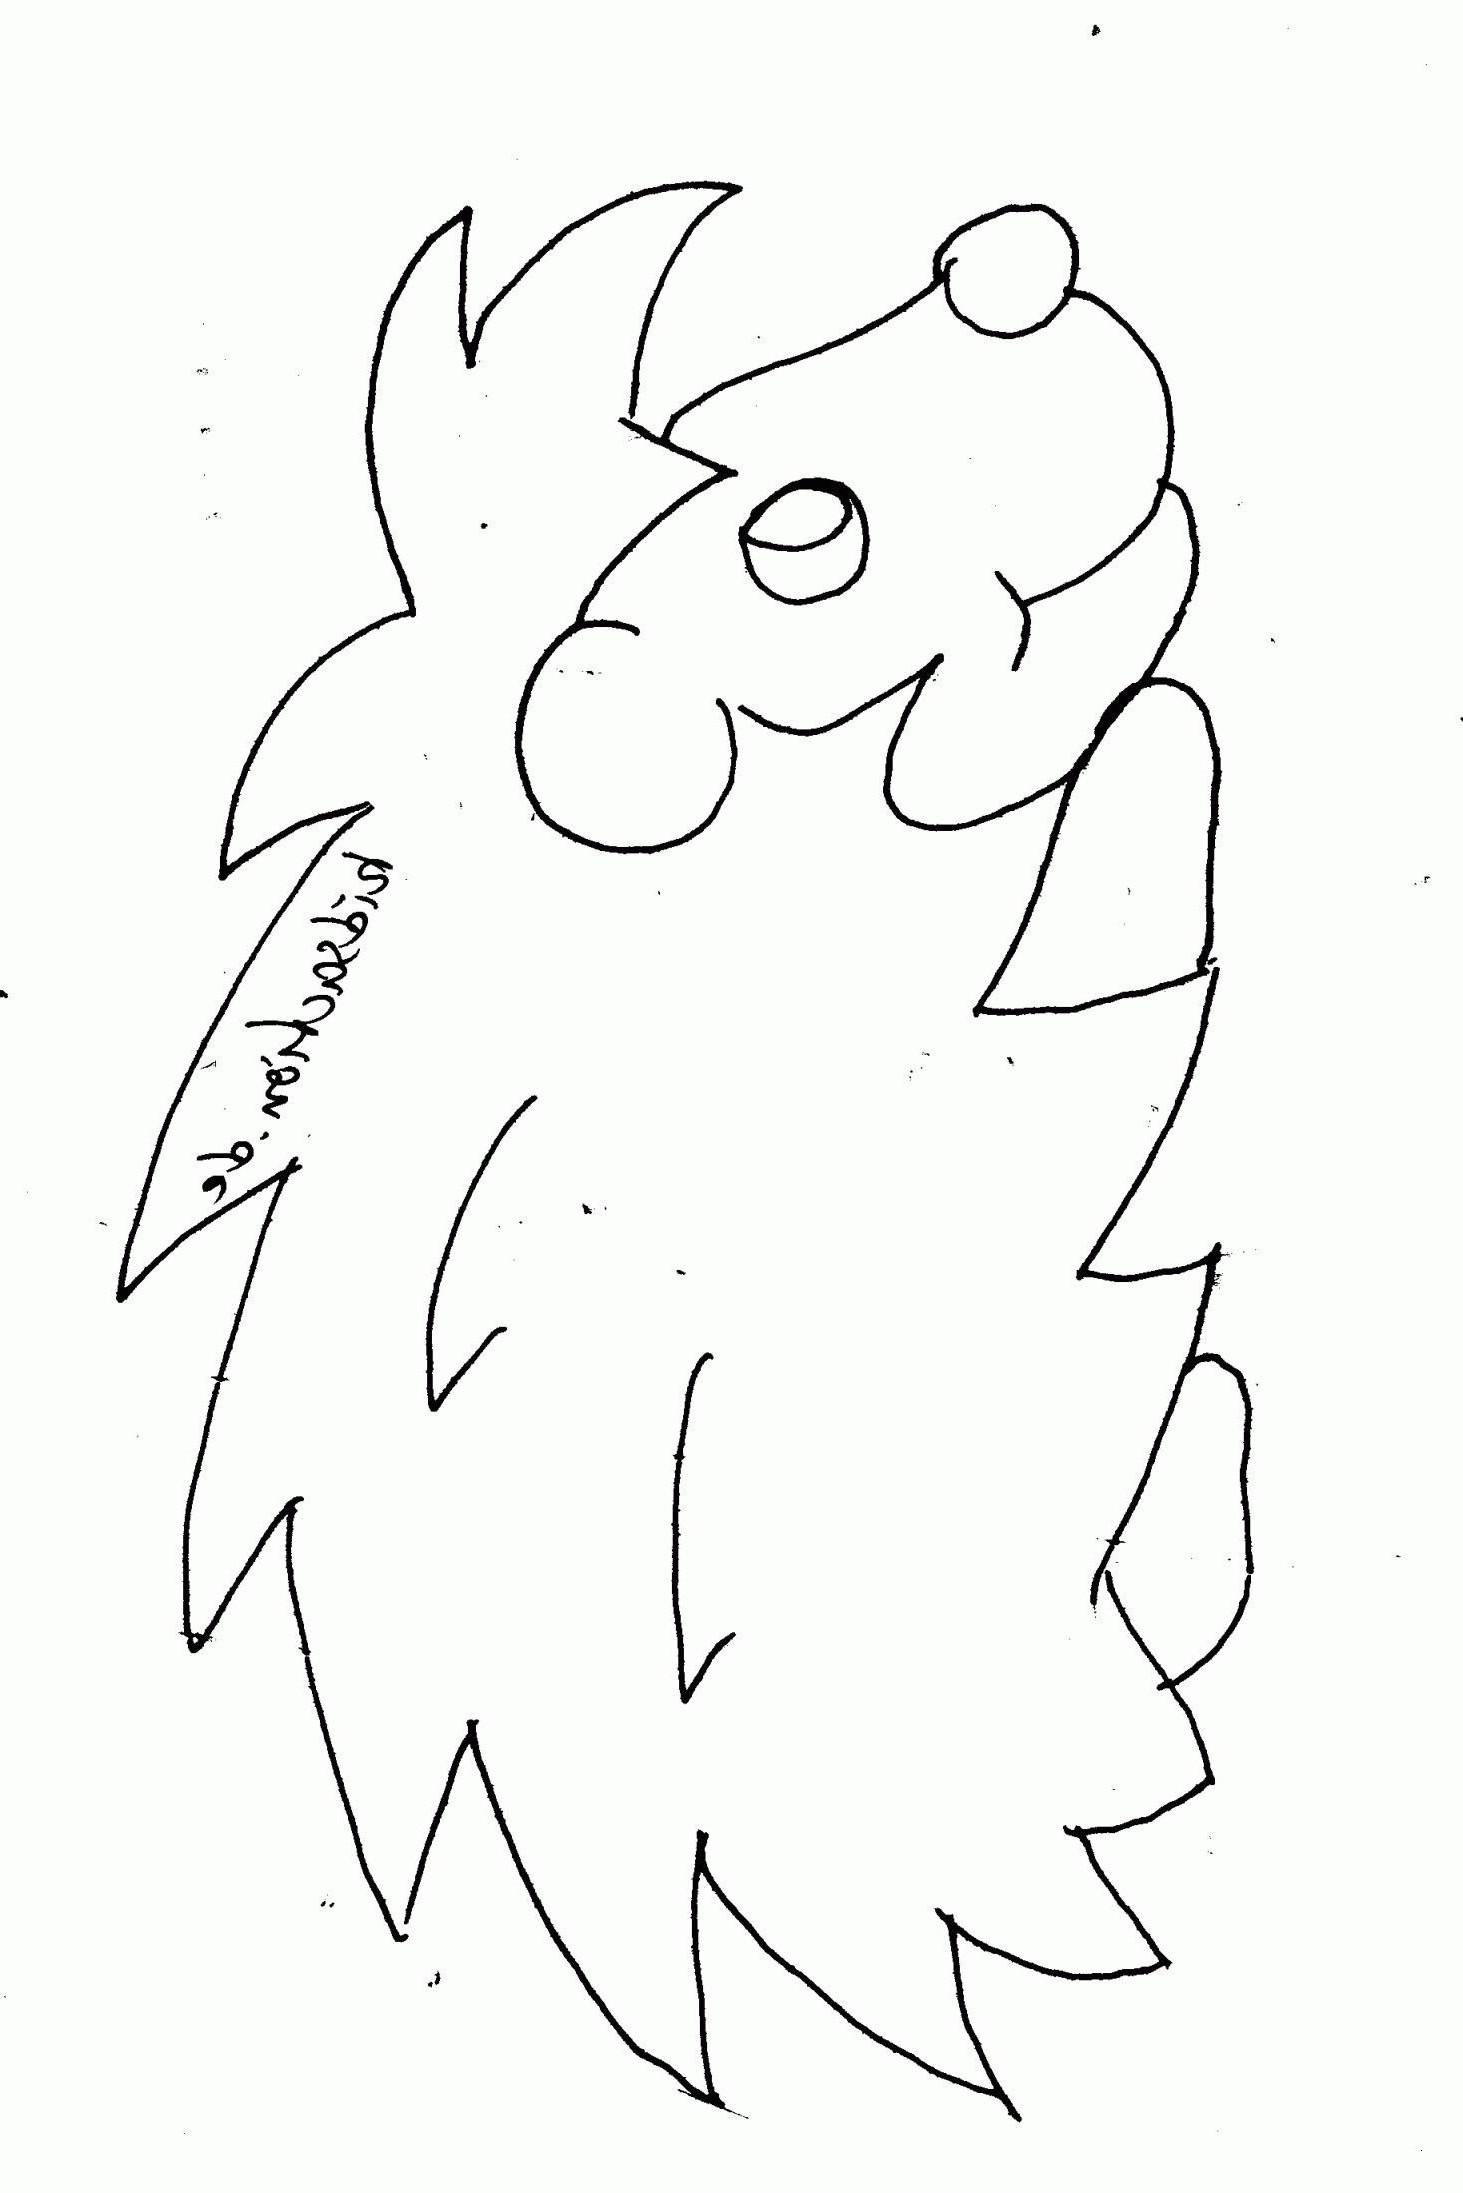 Super Mario Pilz Ausmalbilder Genial 28 Inspirierend Ausmalbild Super Mario – Malvorlagen Ideen Sammlung